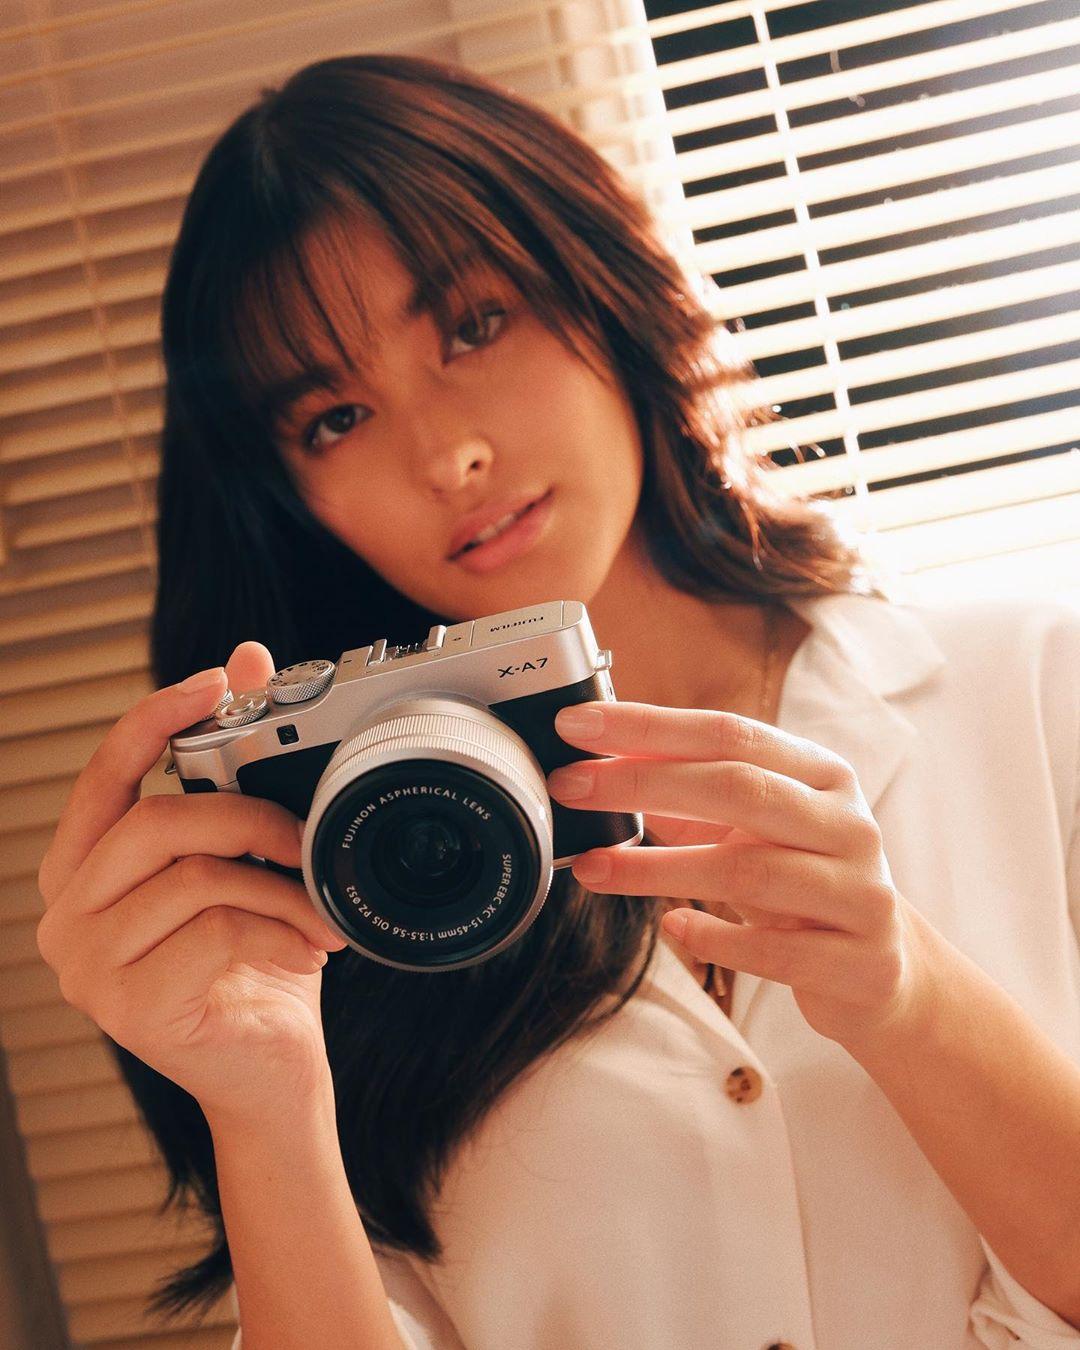 Review Fujifilm X-A7: Kamera Mungil & Terjangkau untuk YouTuber & Instagrammer 10 fujifilm, fujifilm X-A7, kamera mirrorless, xa series